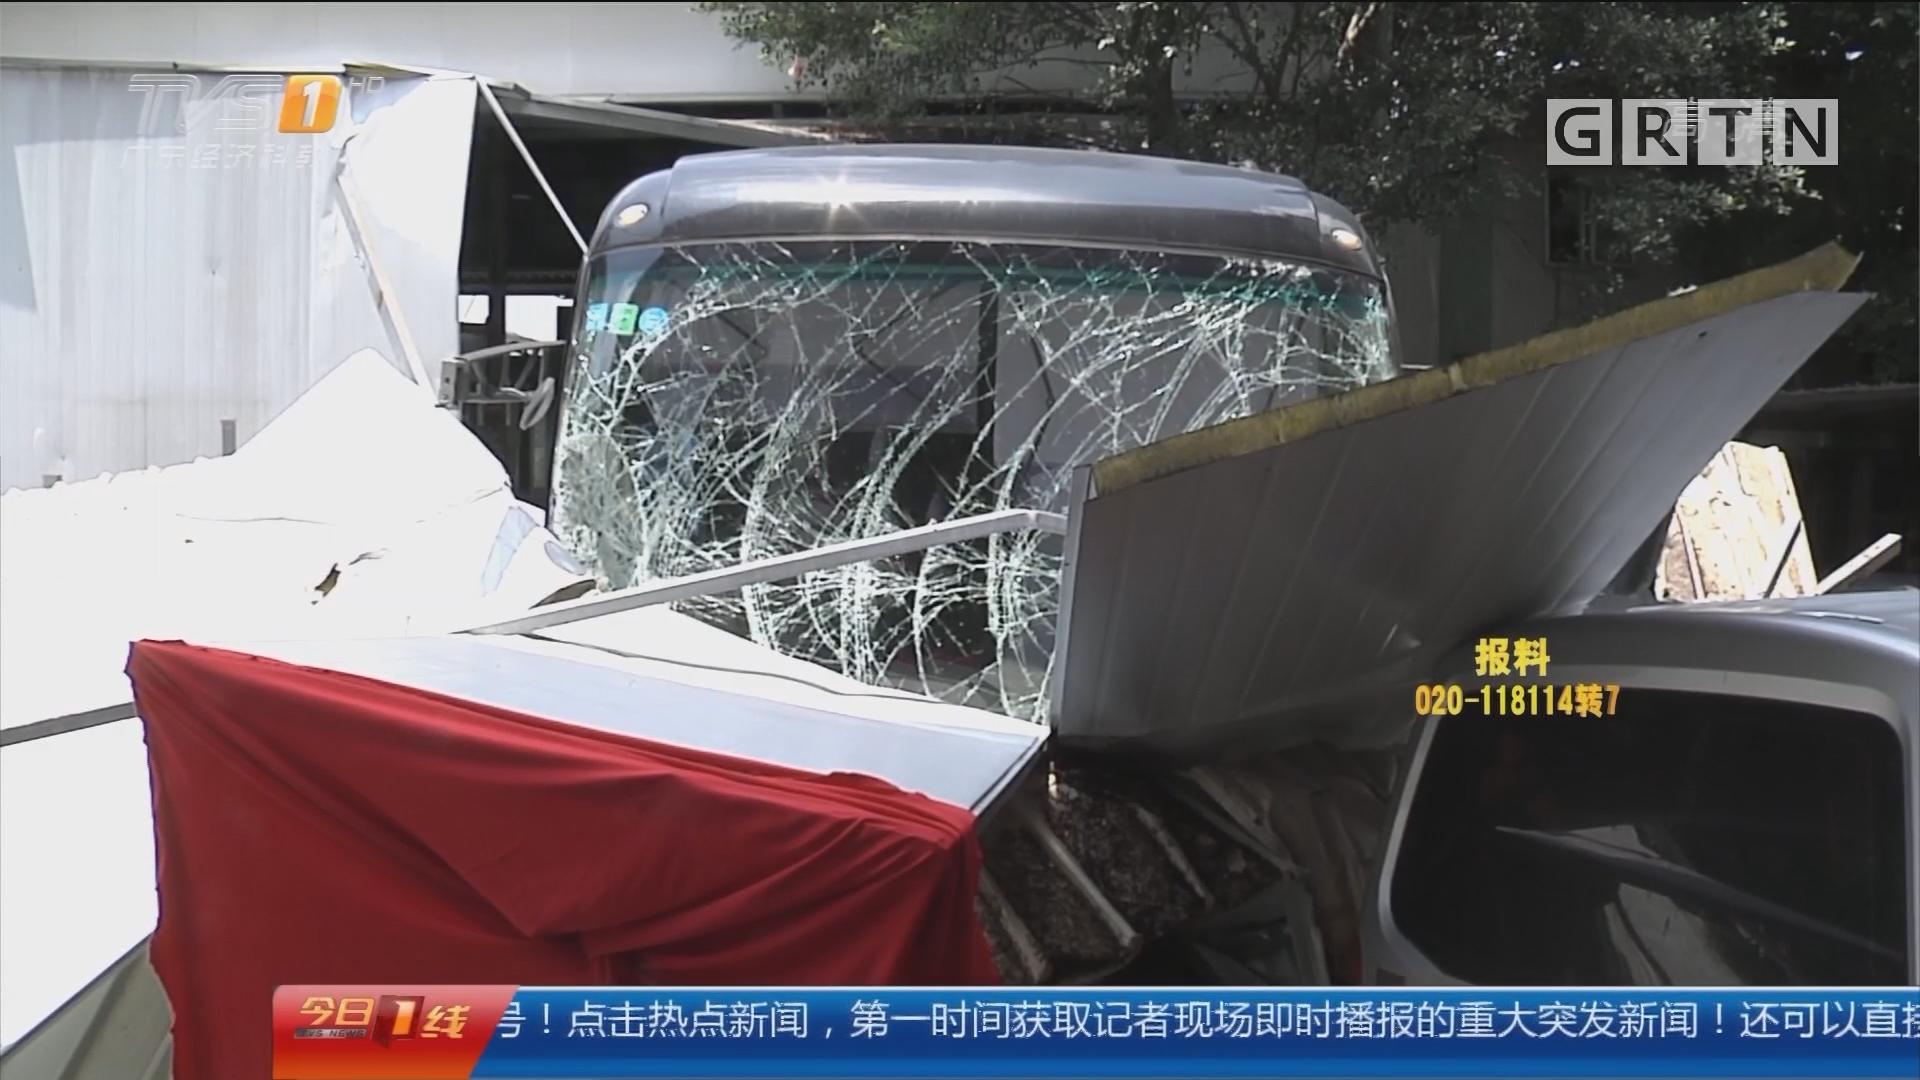 驾驶安全提醒:惊魂!大巴撞穿检测站围墙冲上街头